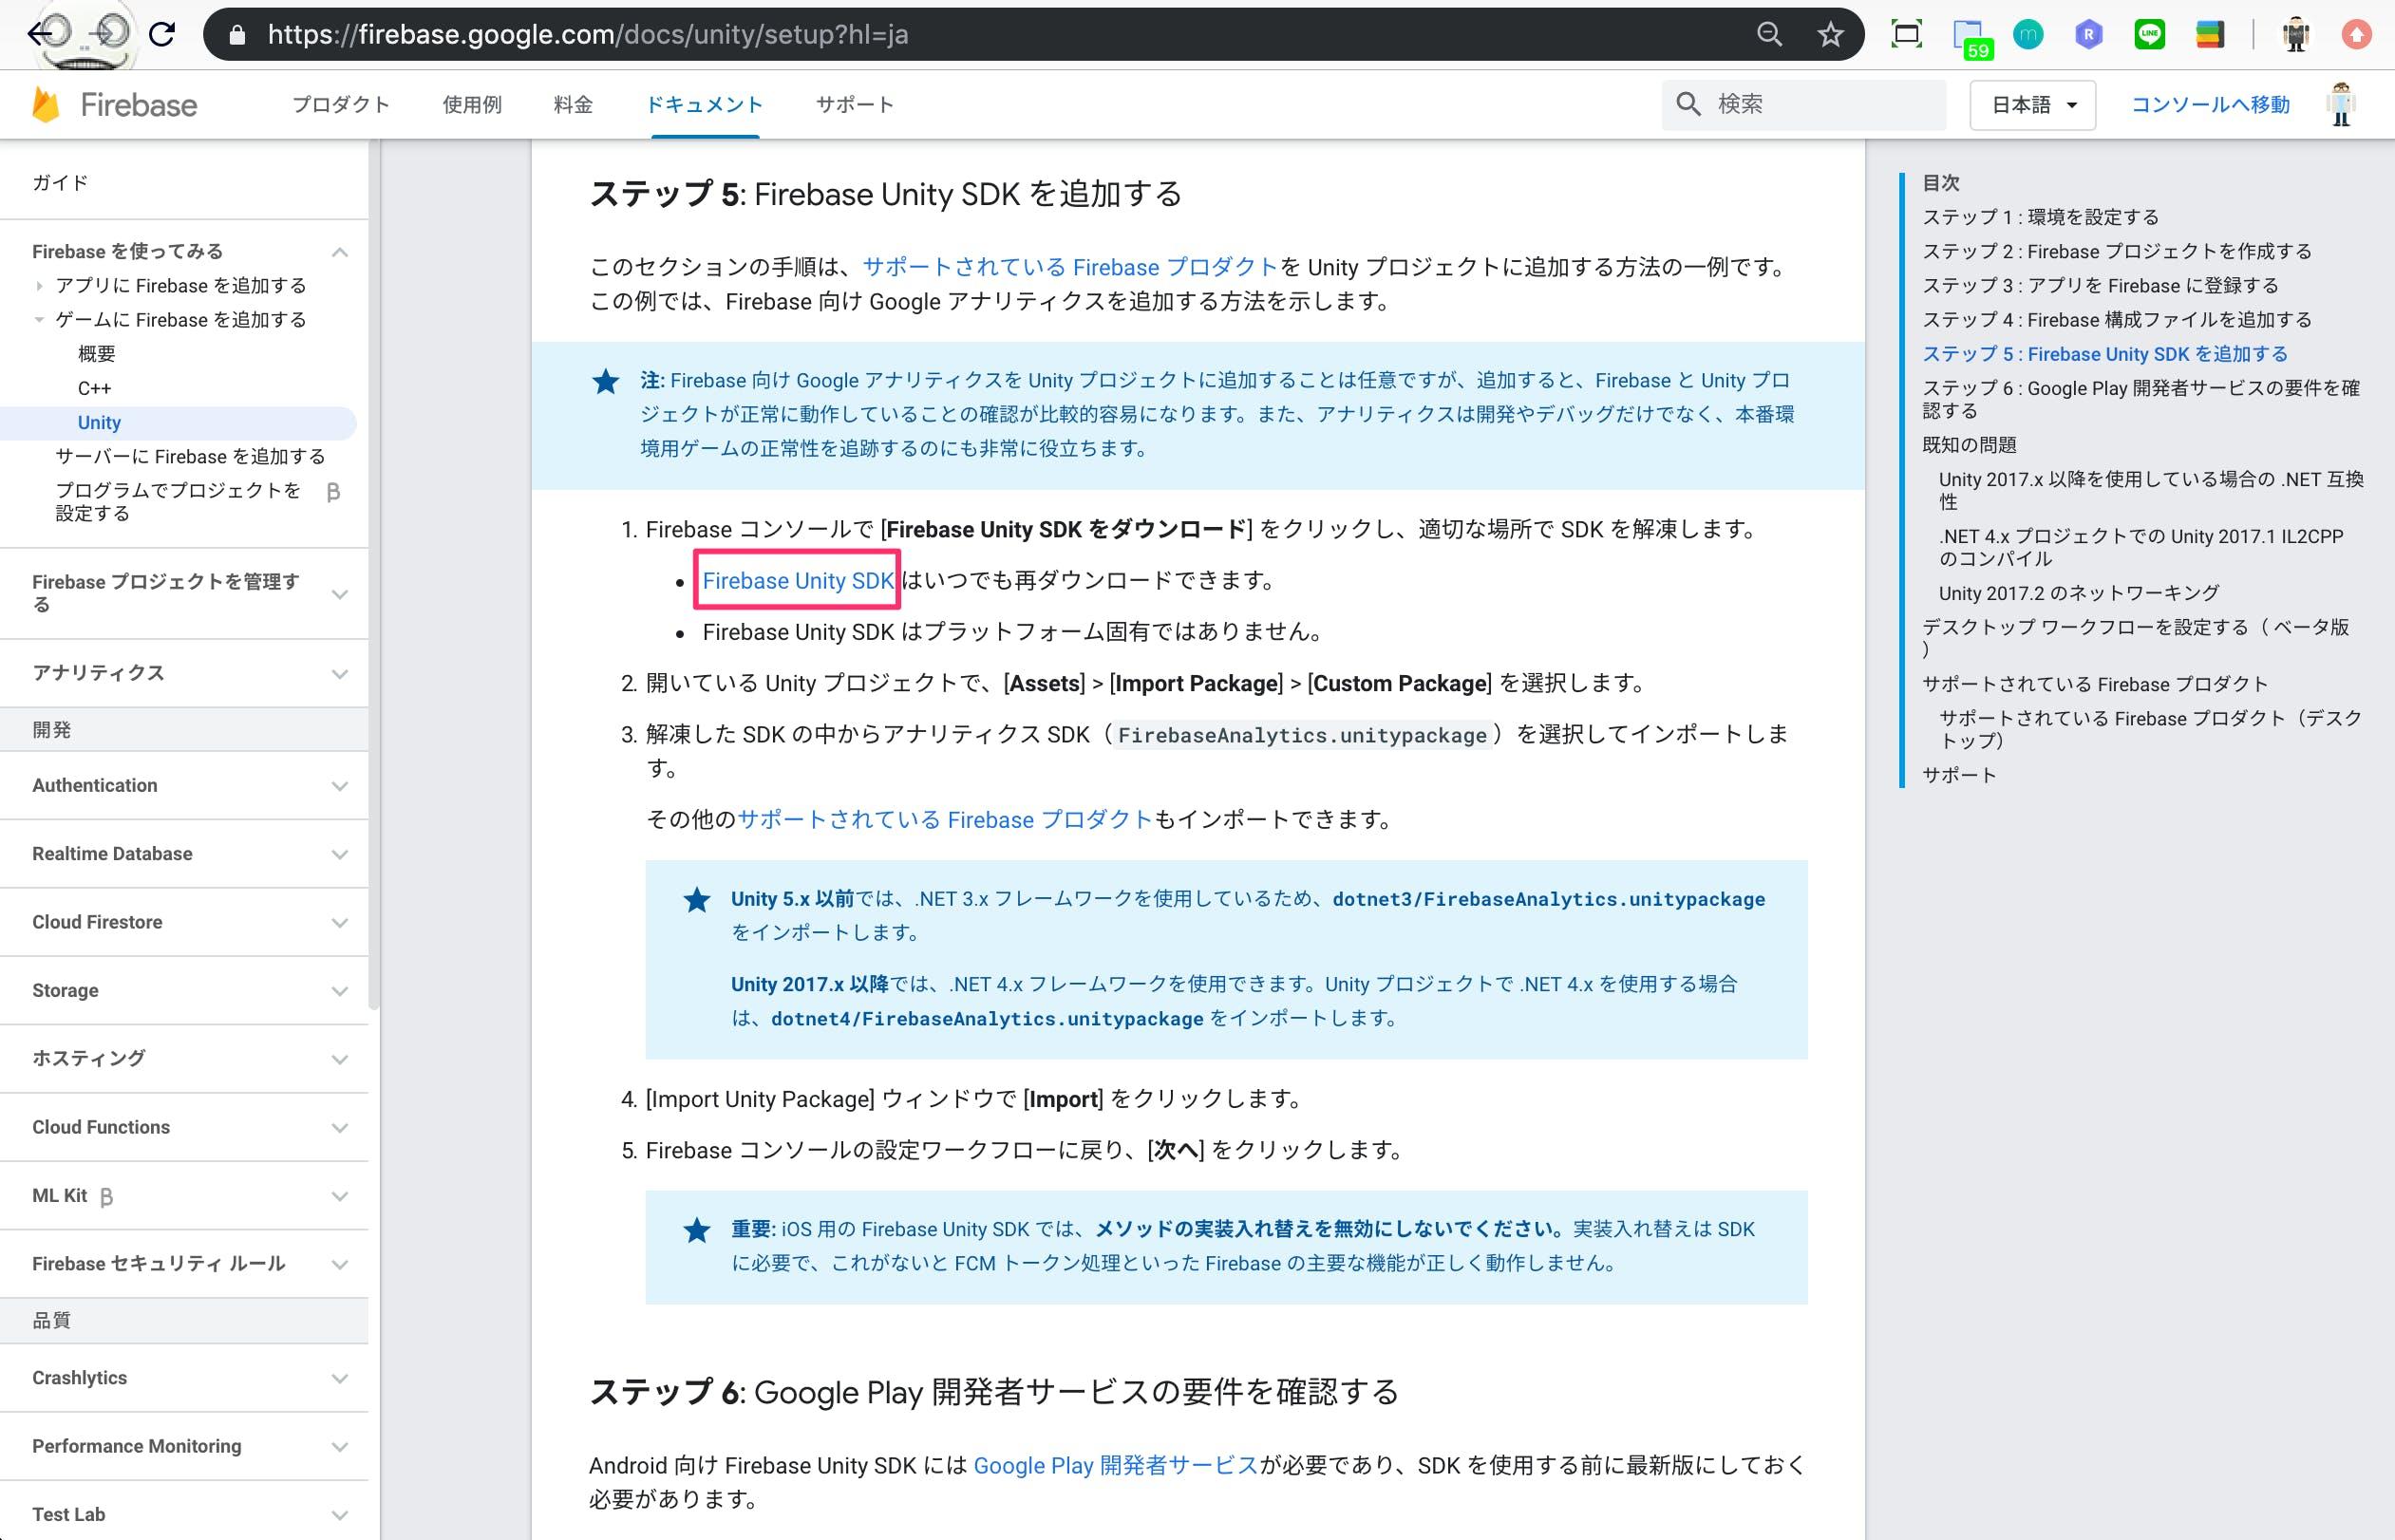 スクリーンショット 2019-06-17 0.37.33.png